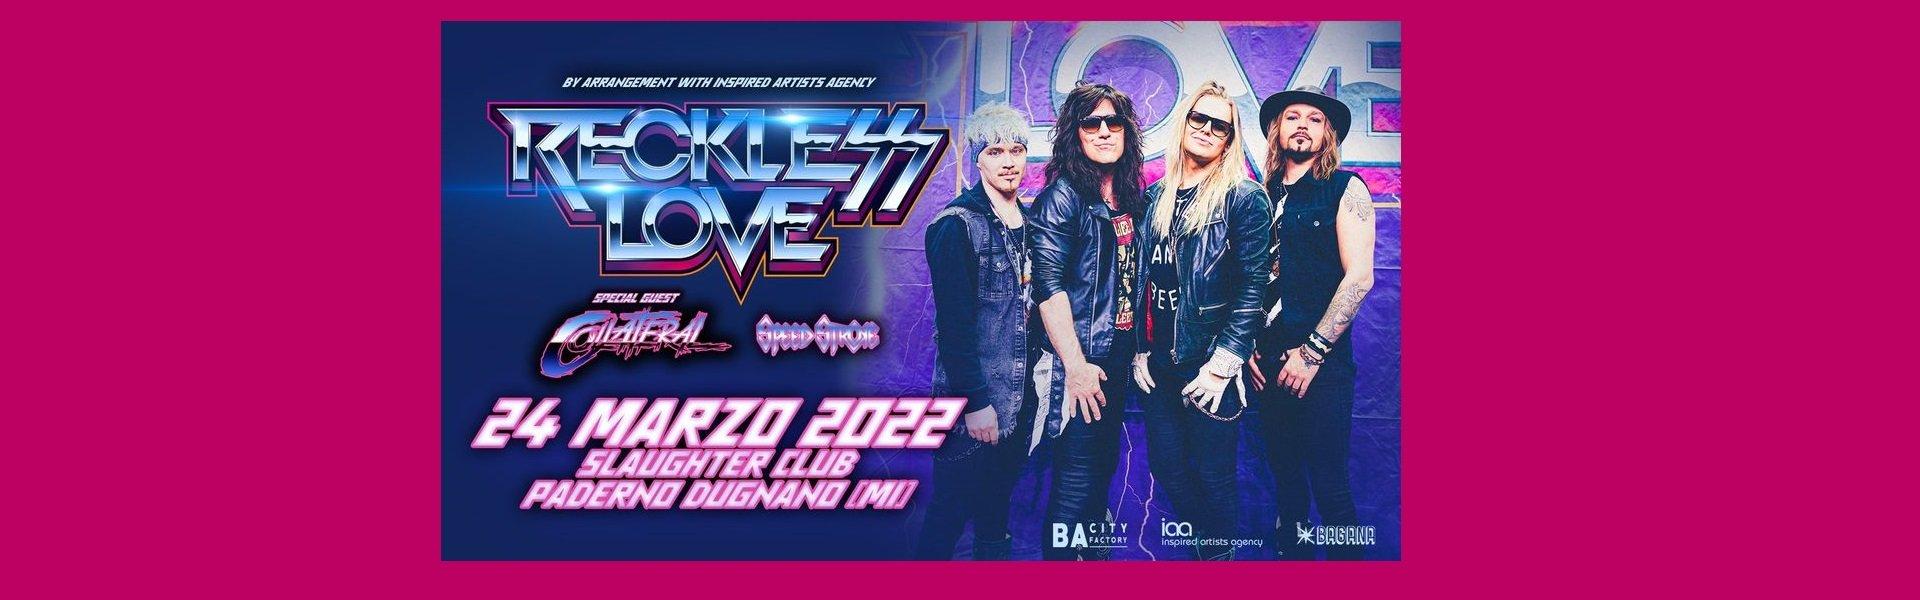 Reckless Love live a Slaughter Milano 24 marzo 2022 biglietti mailticket